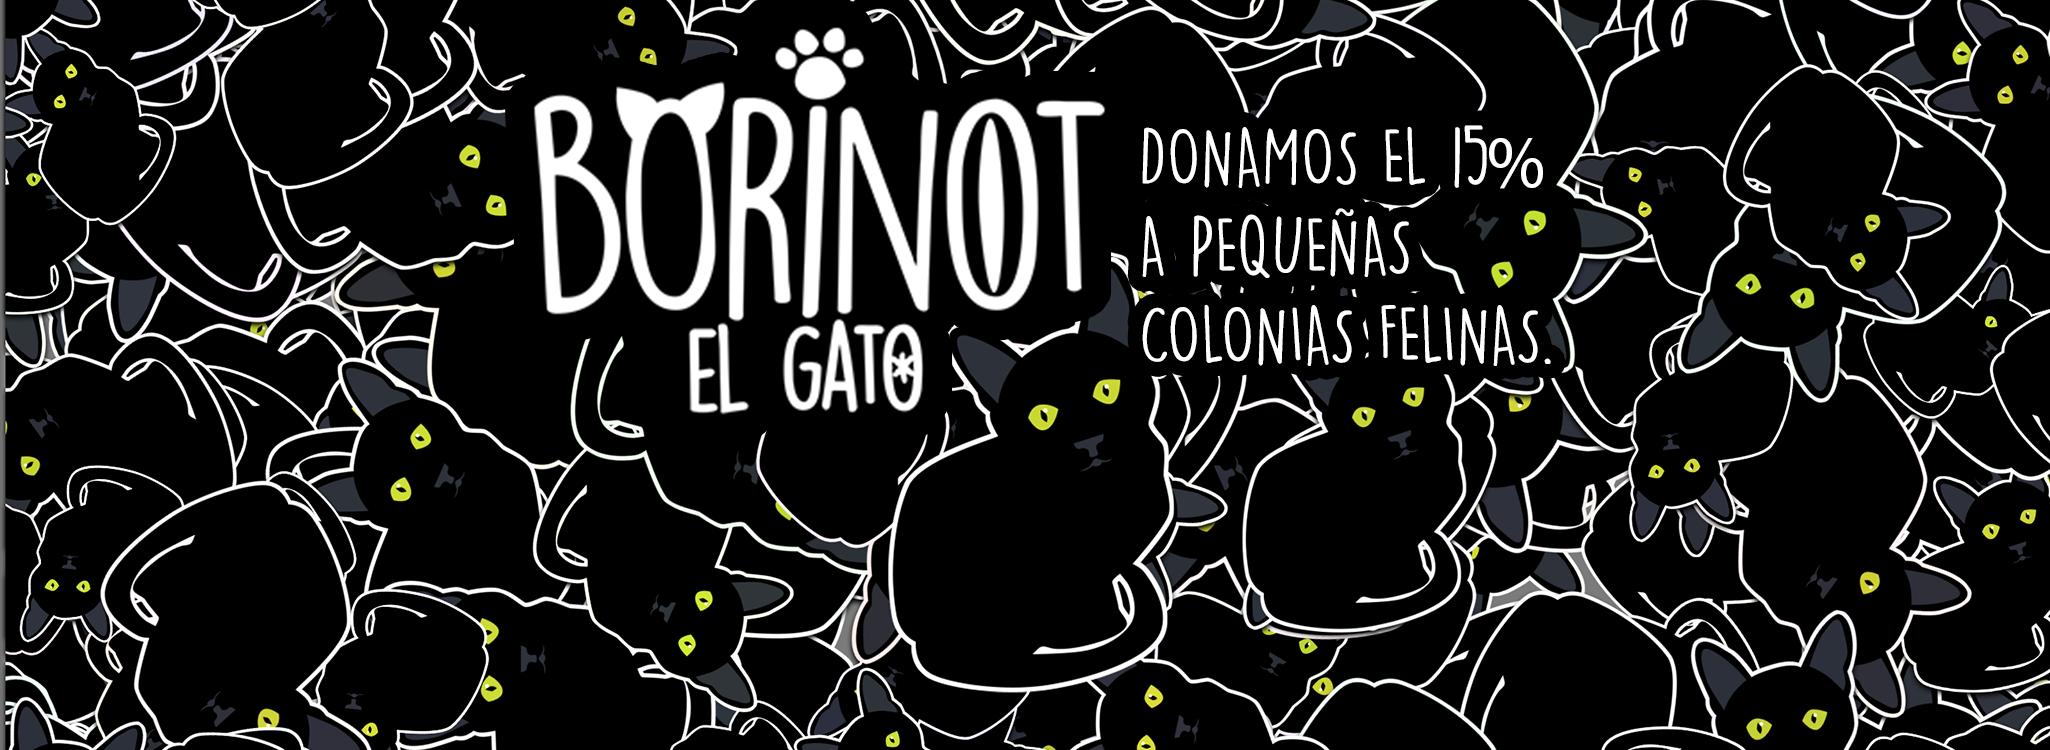 Borinot el Gato. 15% a colonias felinas